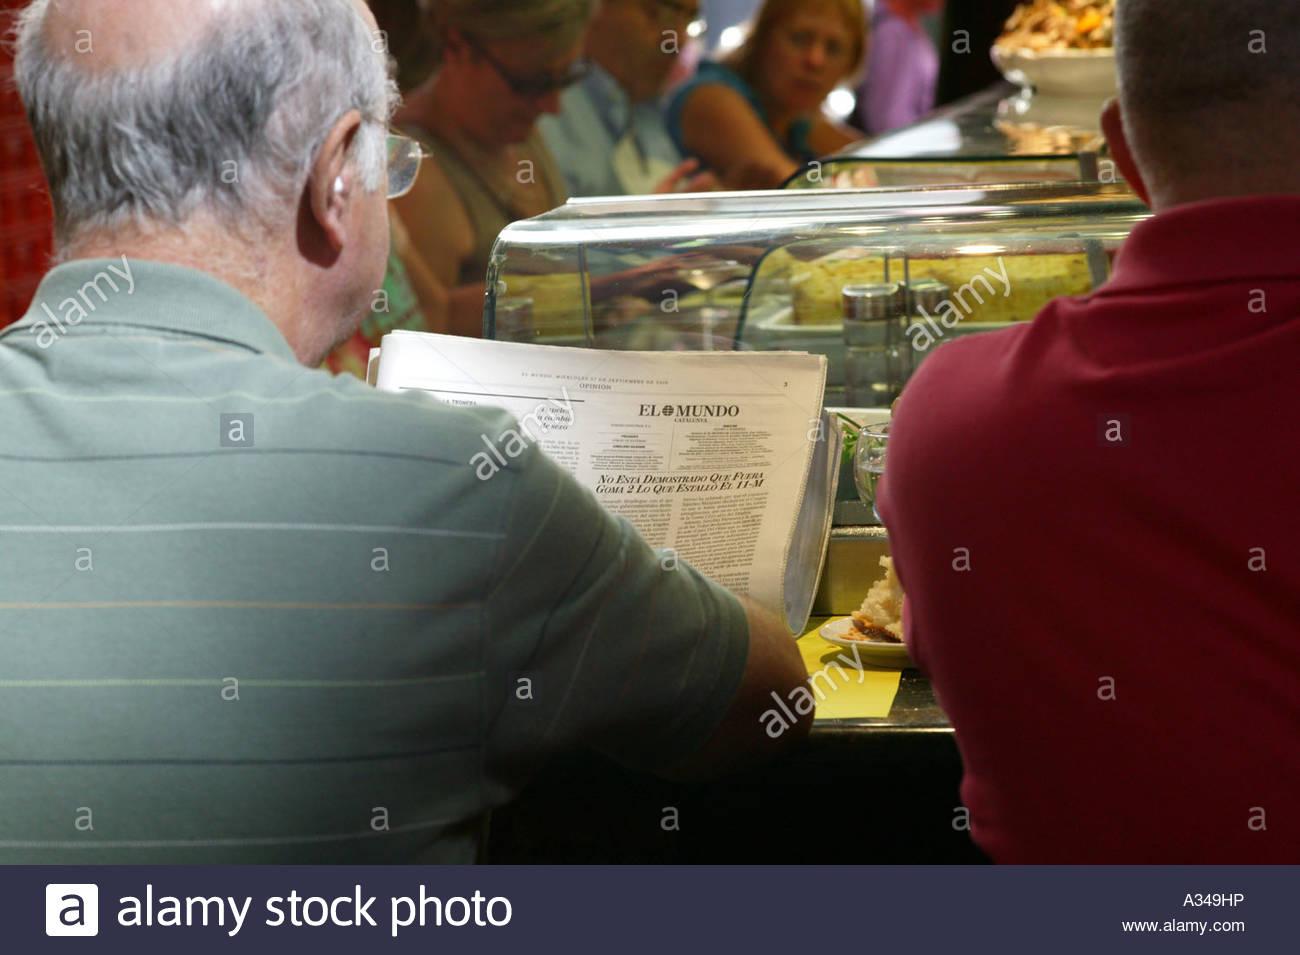 Lunch time at Barcelona's food market La Boqueria off La Rambla central Barcelona Spain - Stock Image